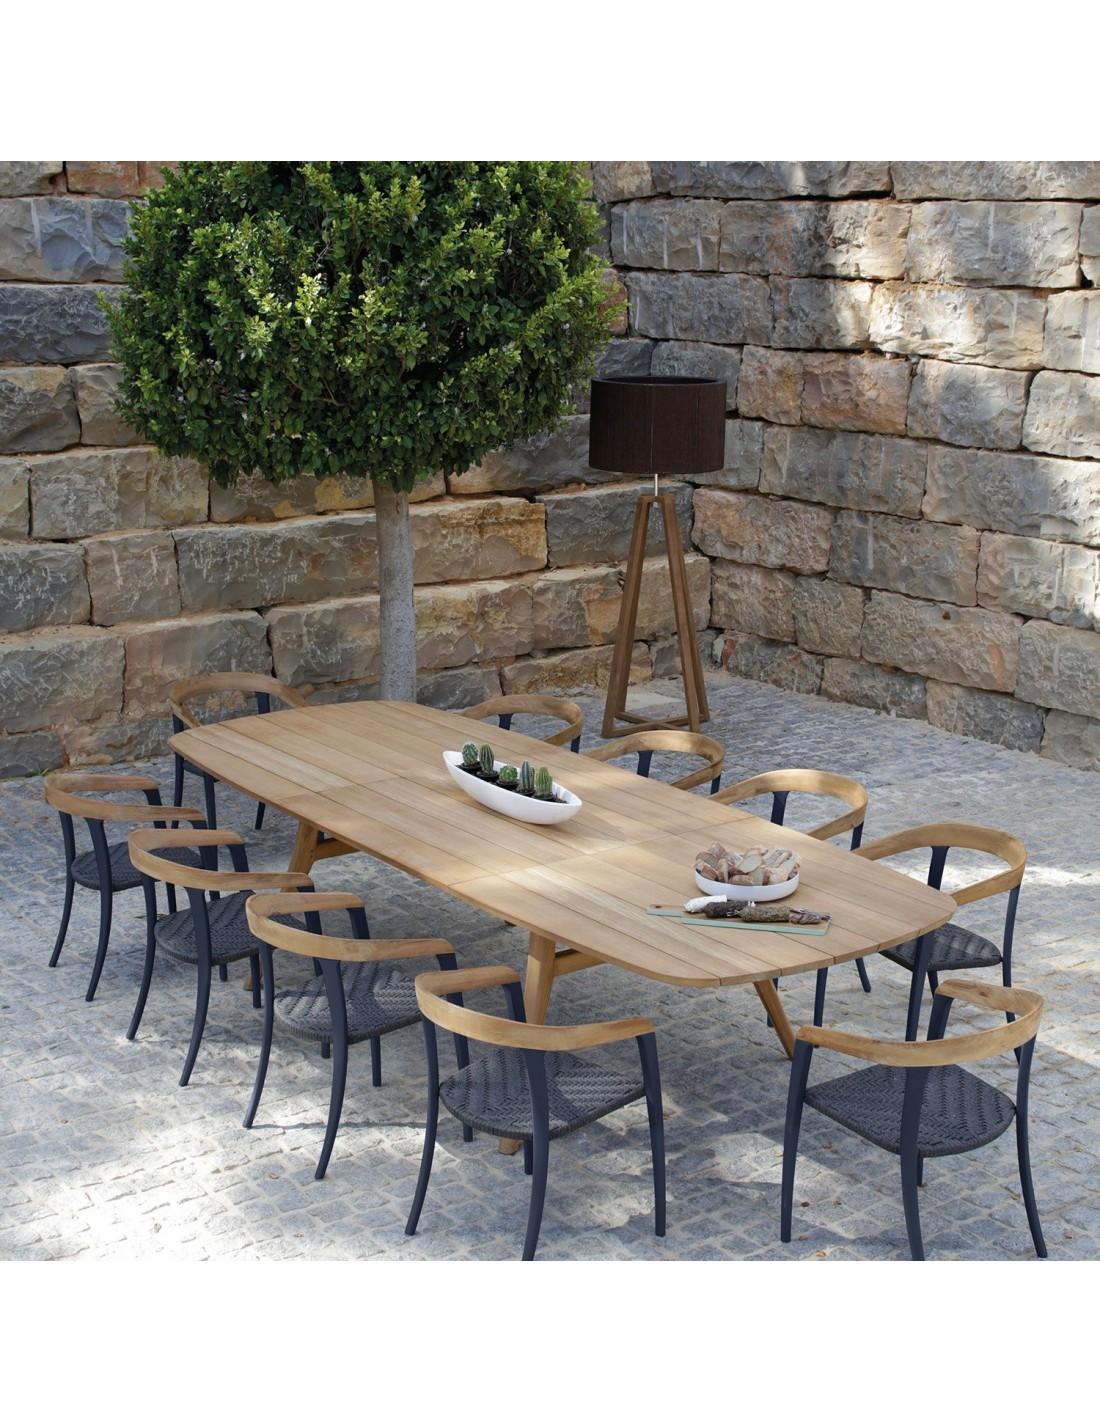 Lampadaire Club Lounge ambre mise en scène - Valente Design